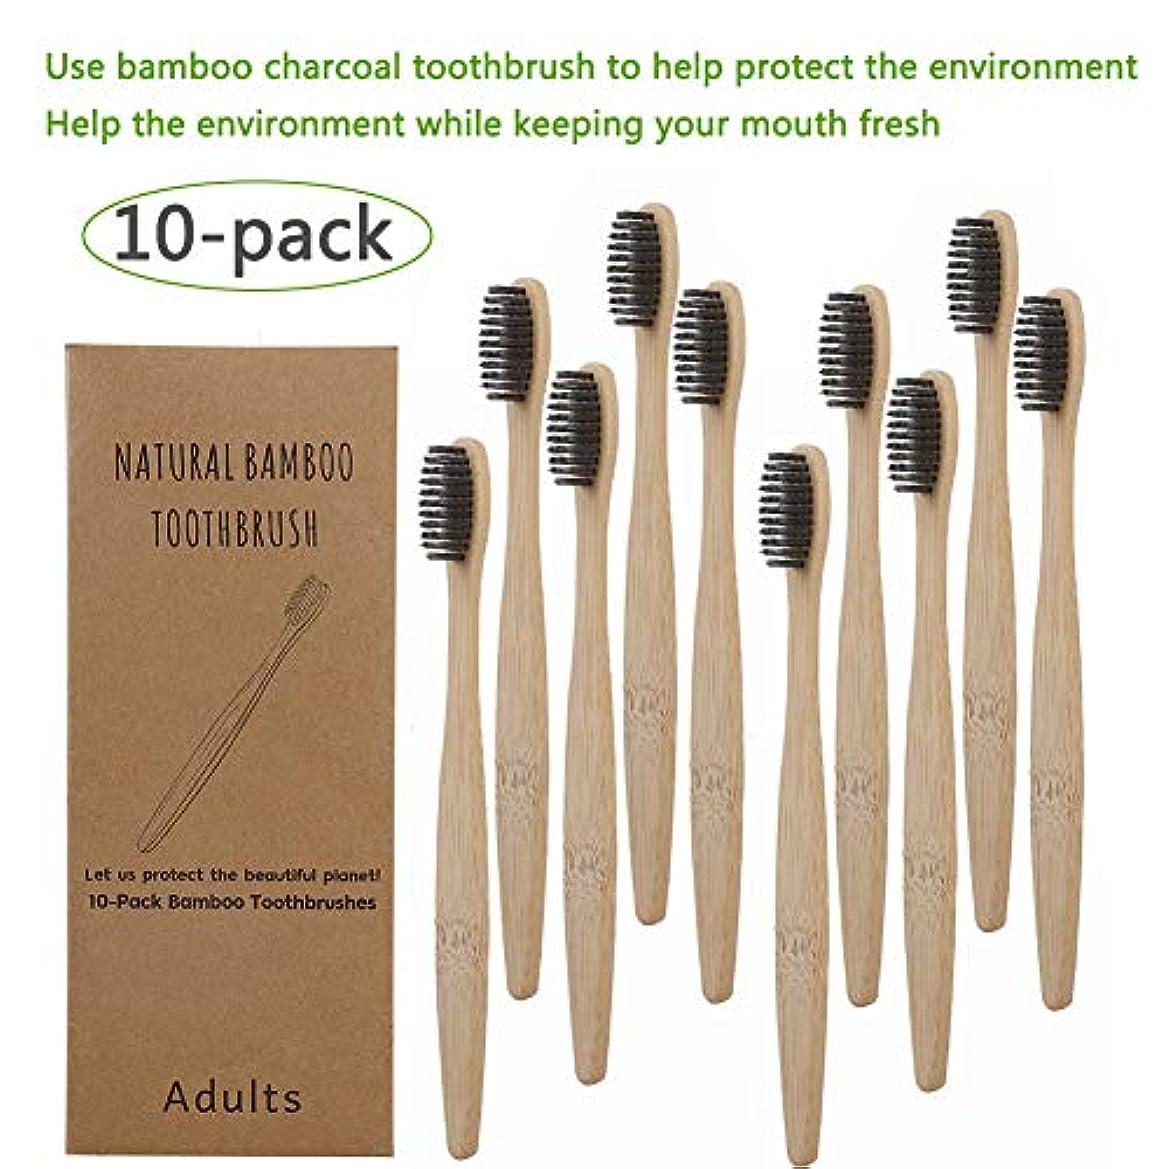 番号代表する松明Doo 10pcs 大人用竹の歯ブラシ 天然竹歯ブラシ 環境保護 柔らかい 歯ブラシ 口腔ケア 竹歯ブラシ 携帯用 旅行用 出張用